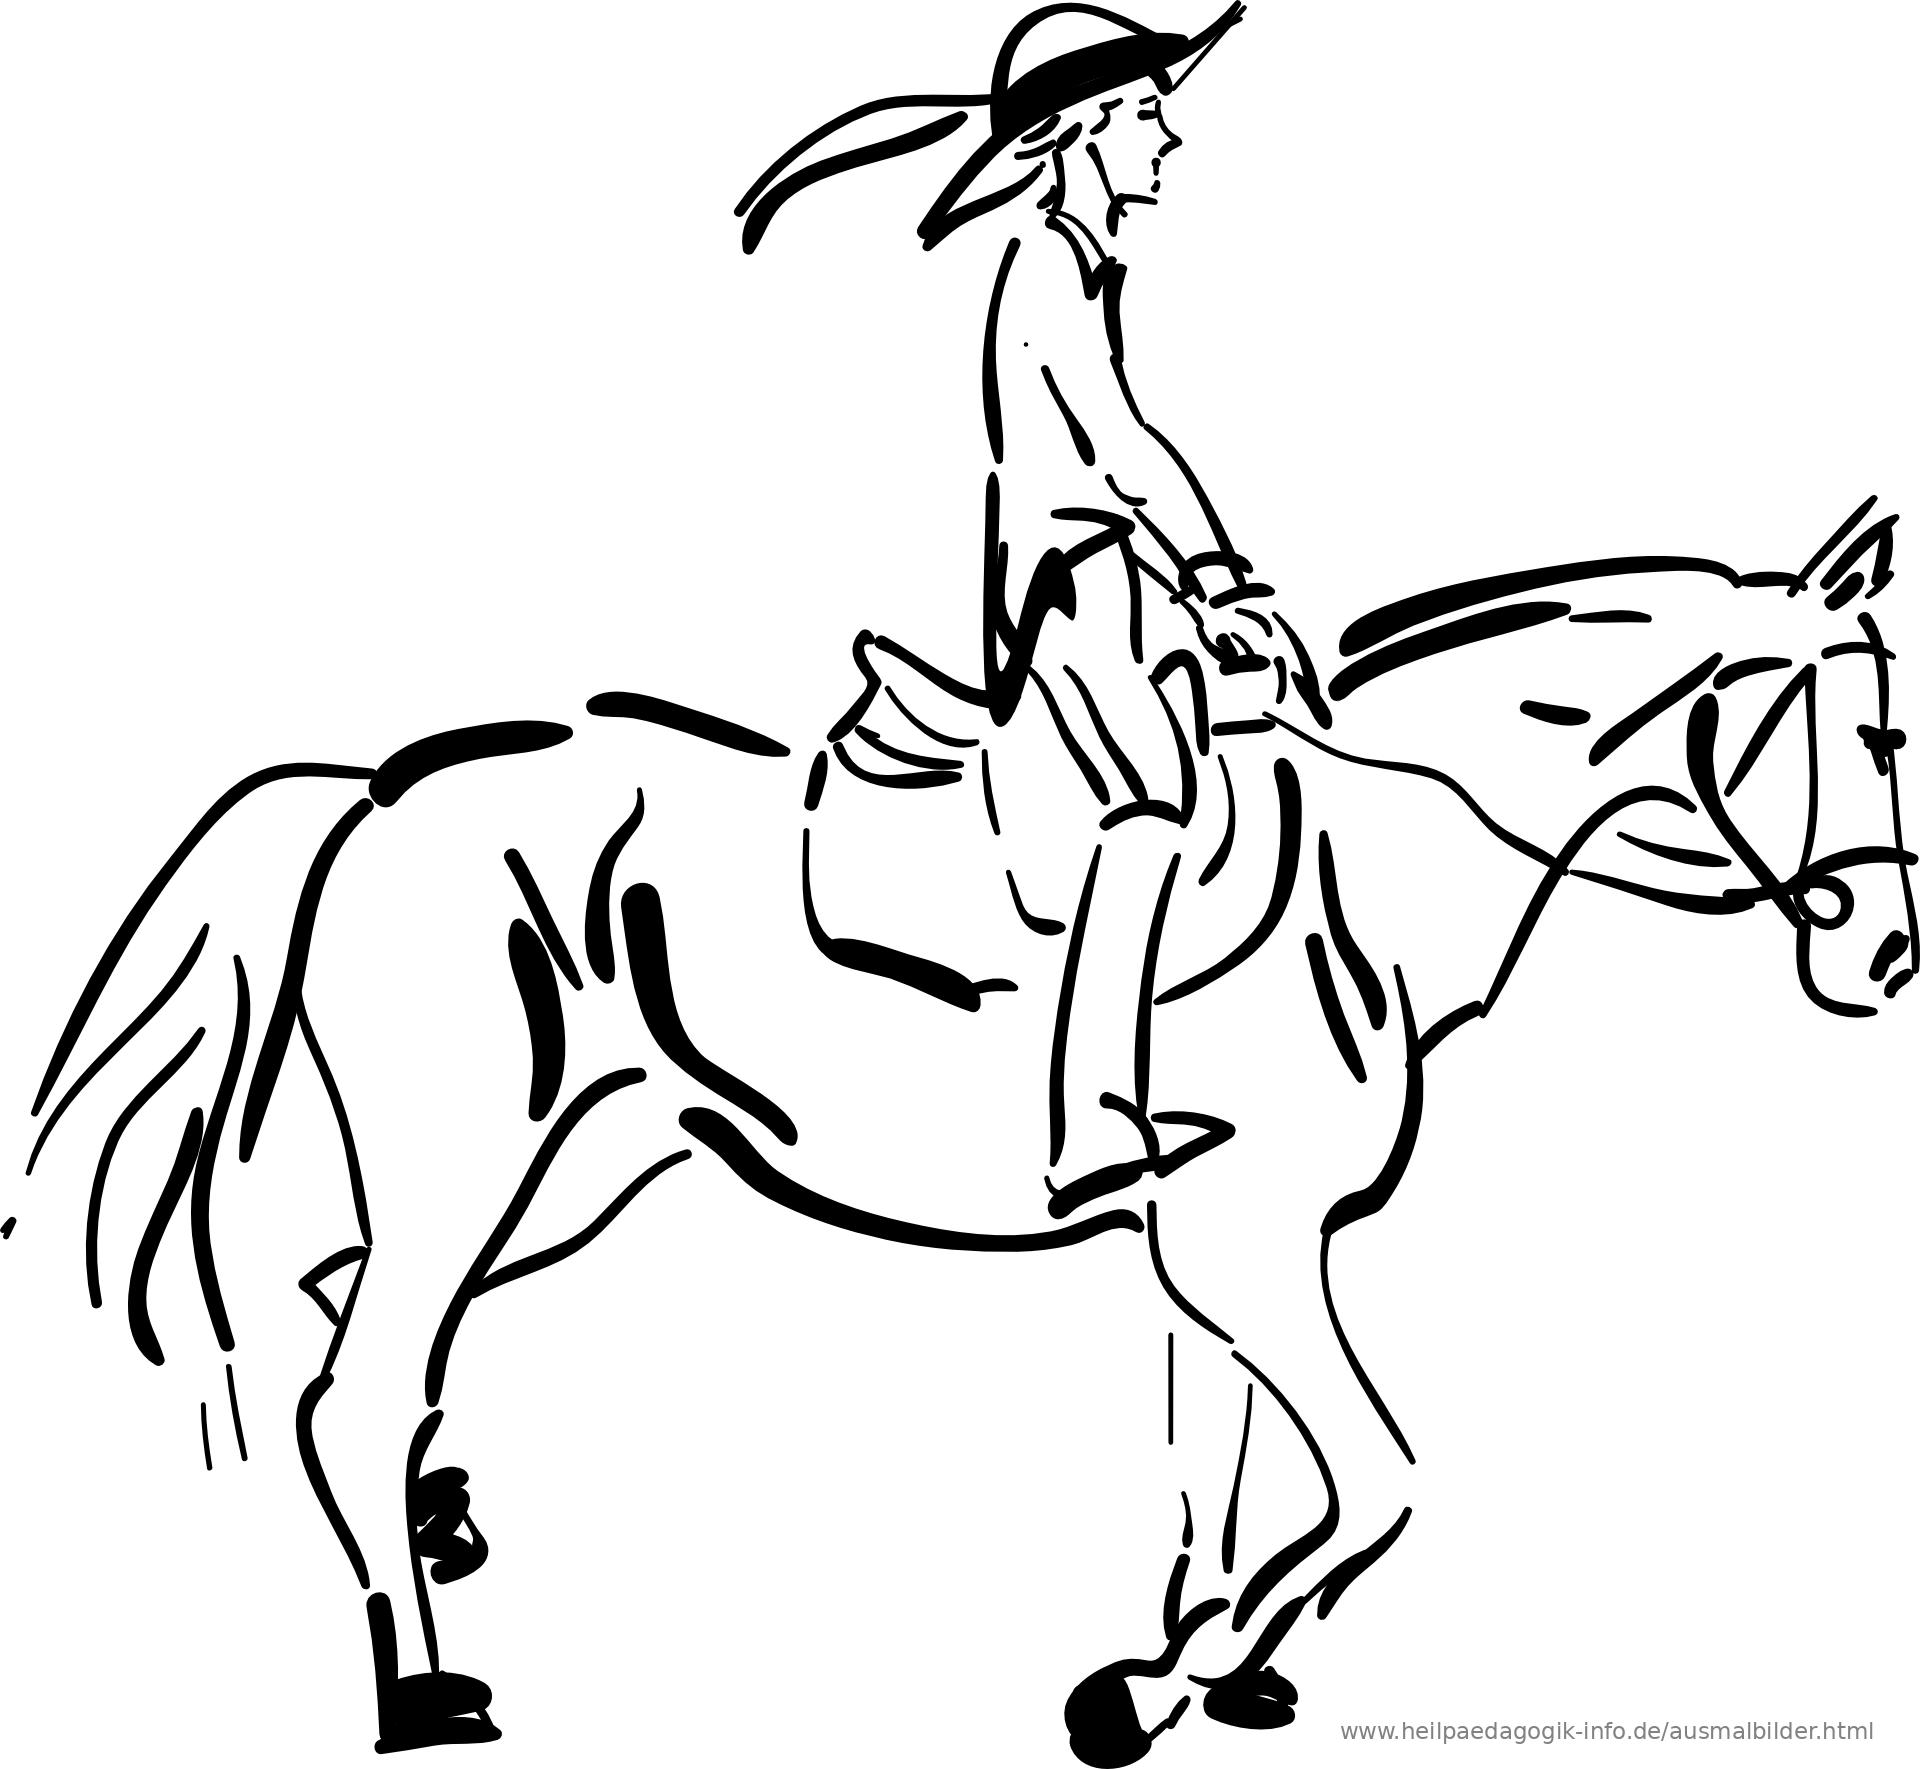 Alex d pferd und reiter hard bizzare bdsm latex sex - 1 3